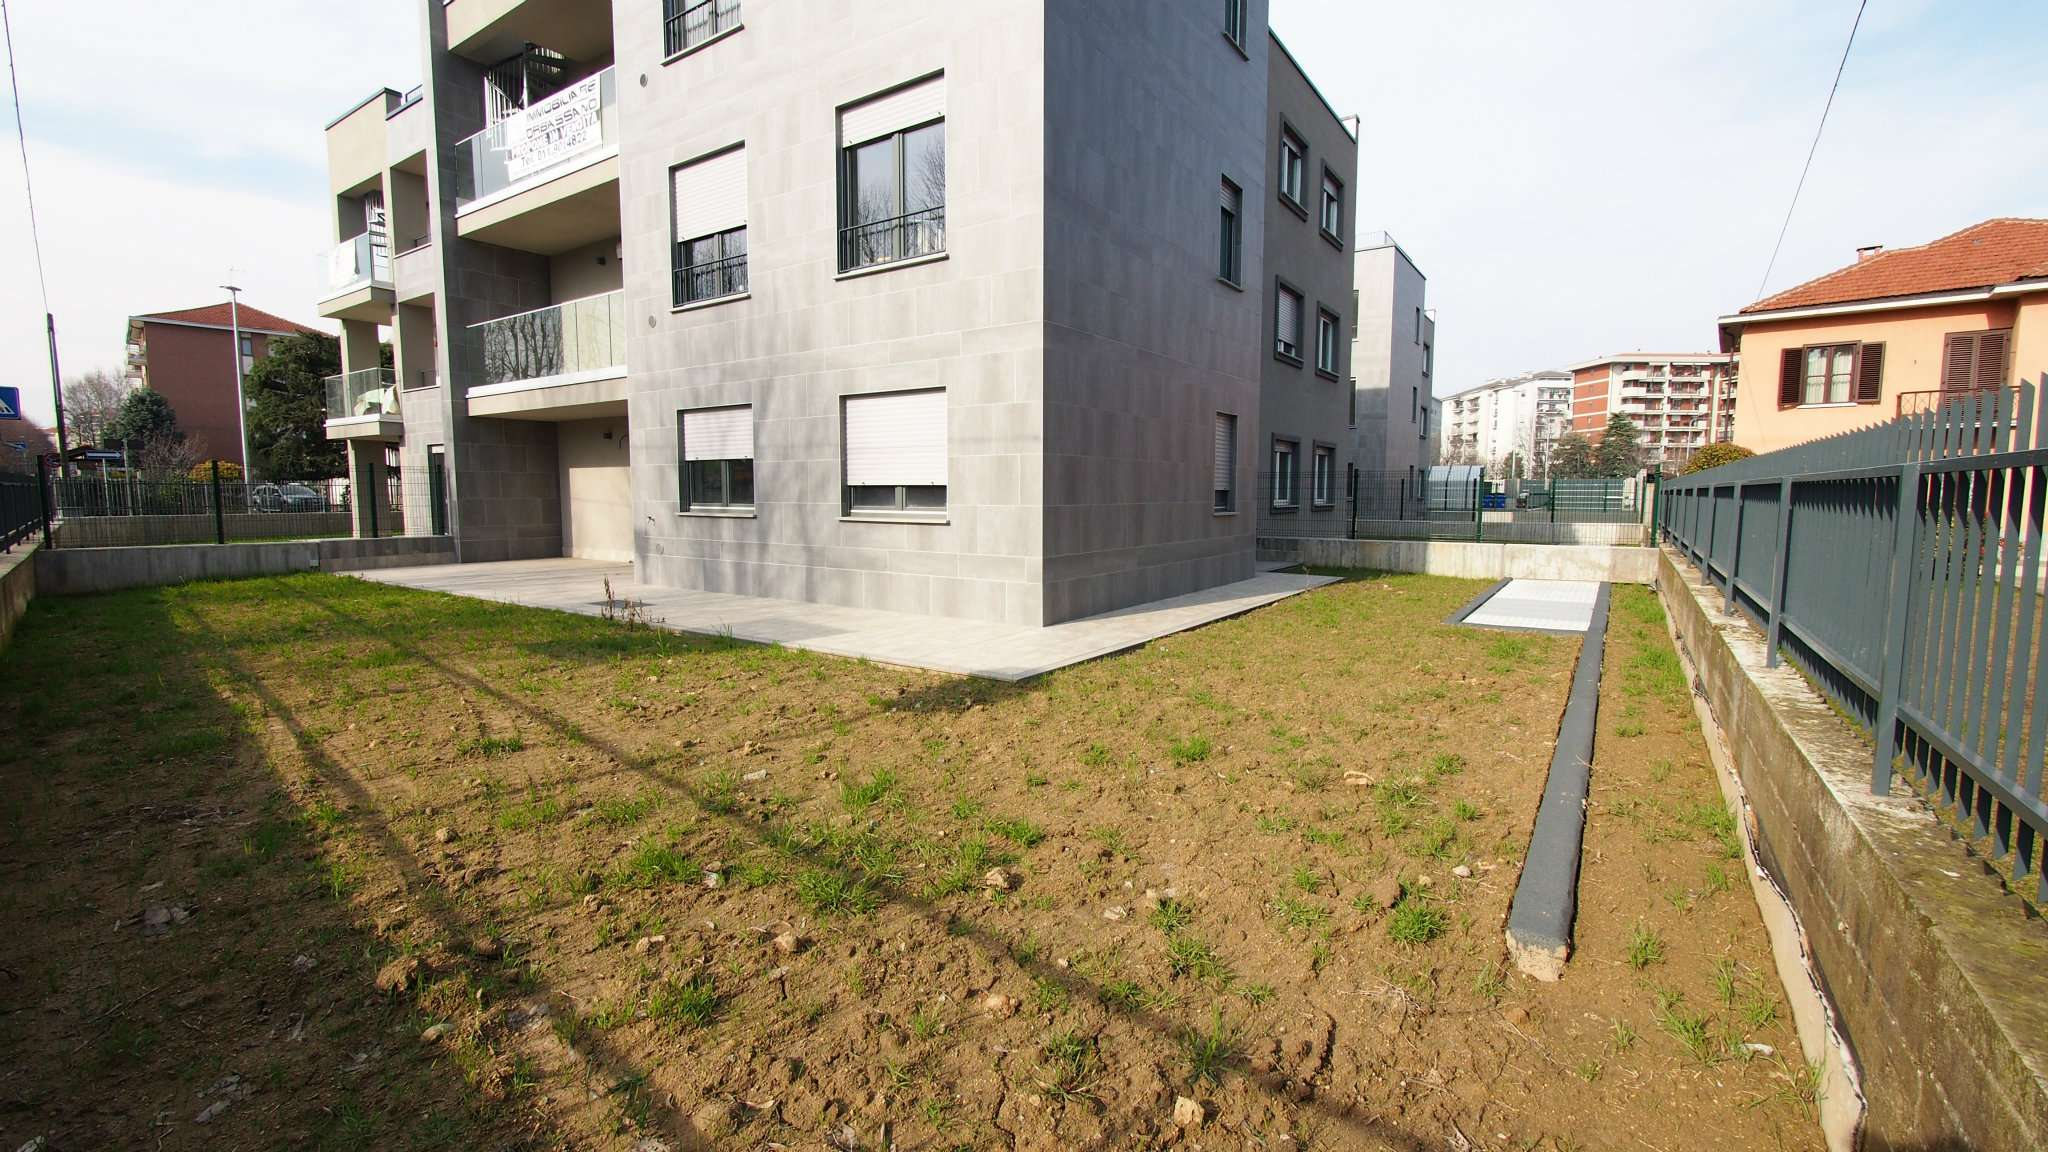 Appartamento in vendita a Orbassano, 5 locali, prezzo € 417.000 | CambioCasa.it